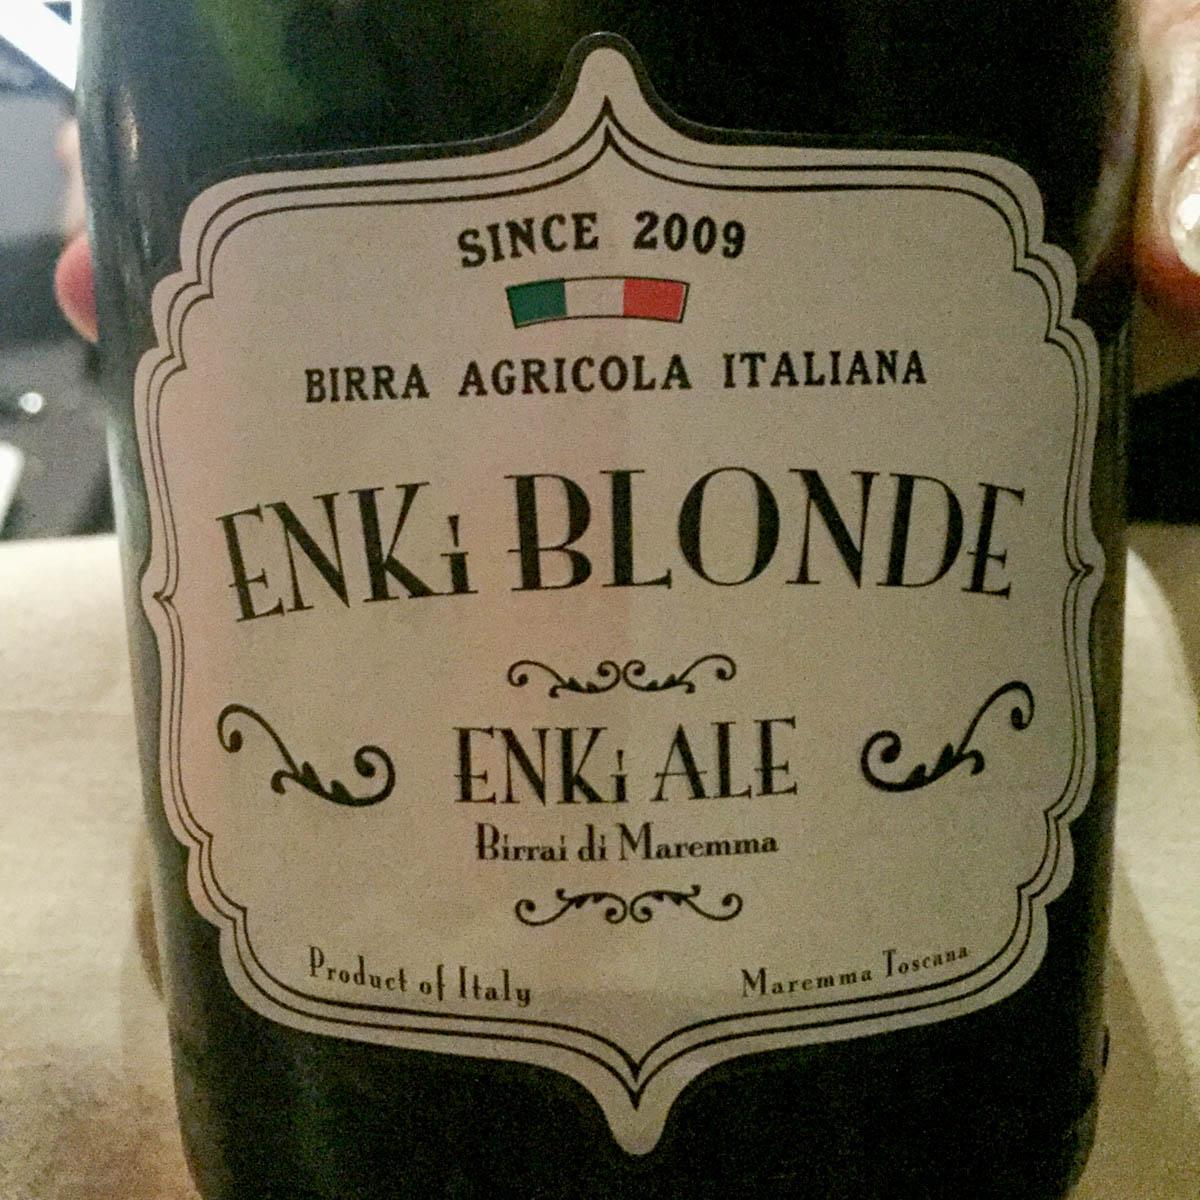 Enik Blonde